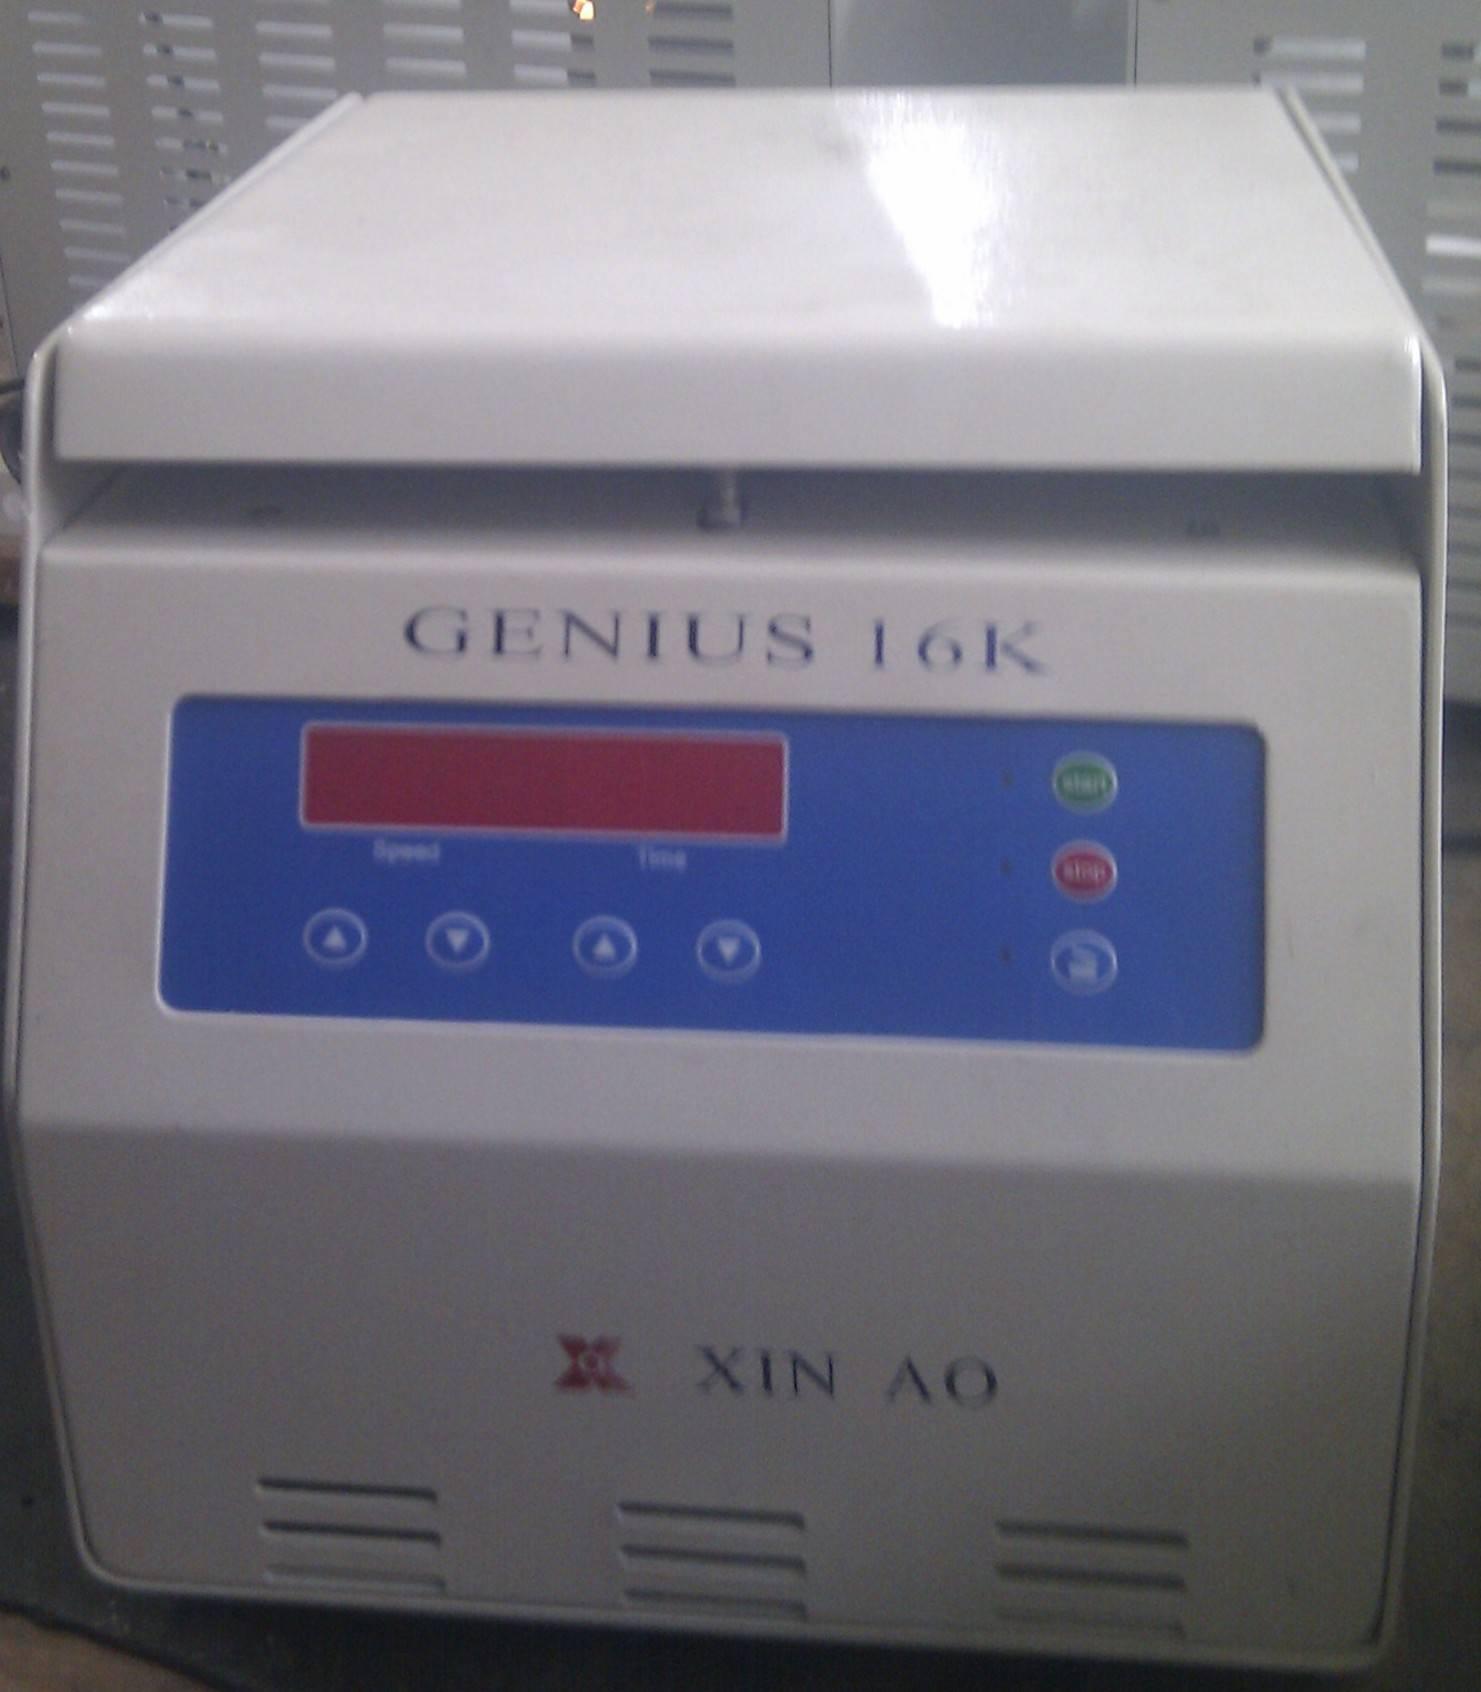 Hematocrit centrifuge - Genius 16K-M